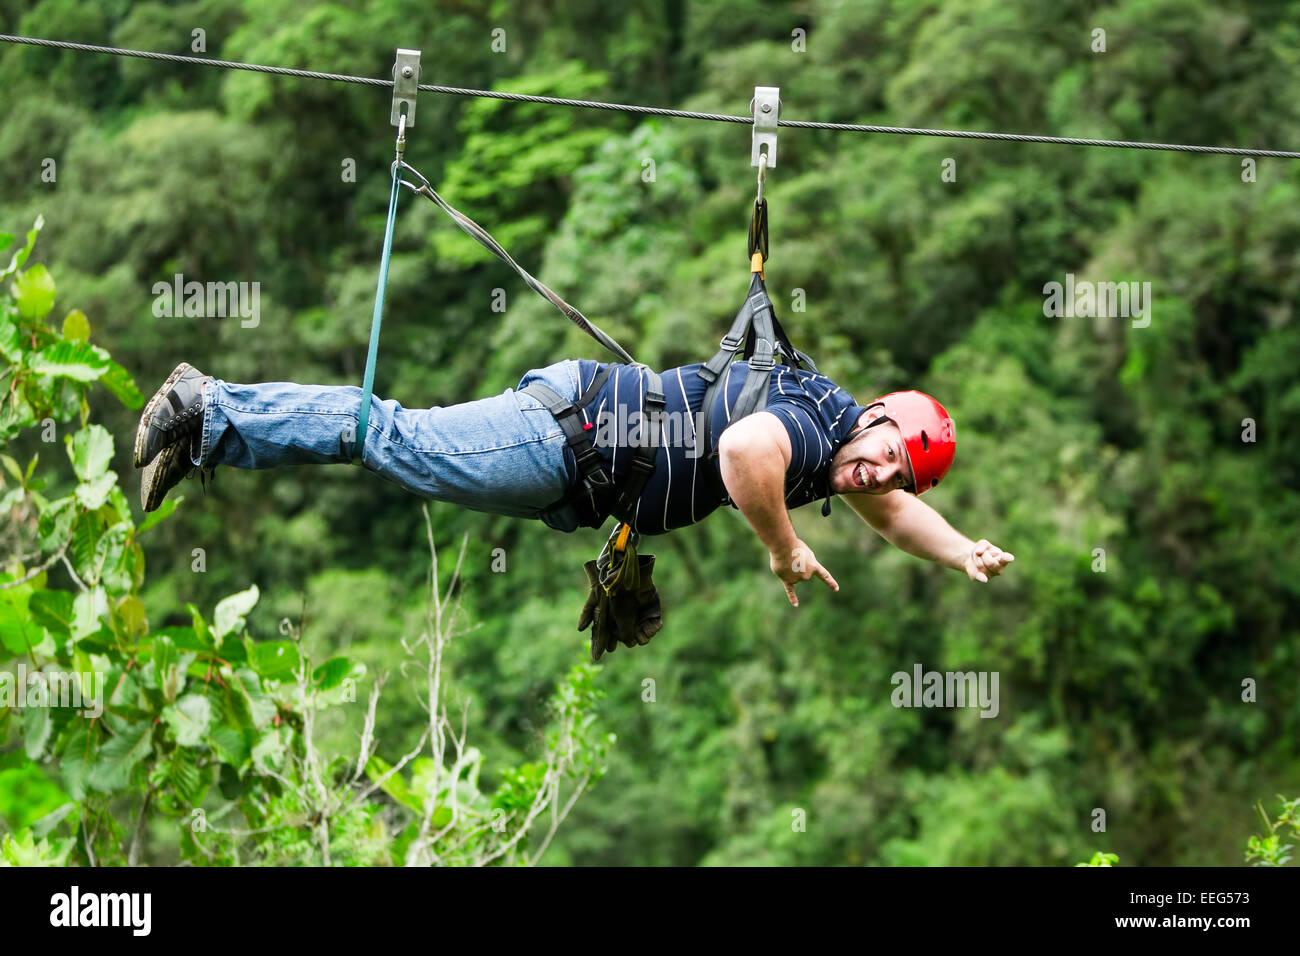 oversized adult man on zip line zip line zipline or canopy